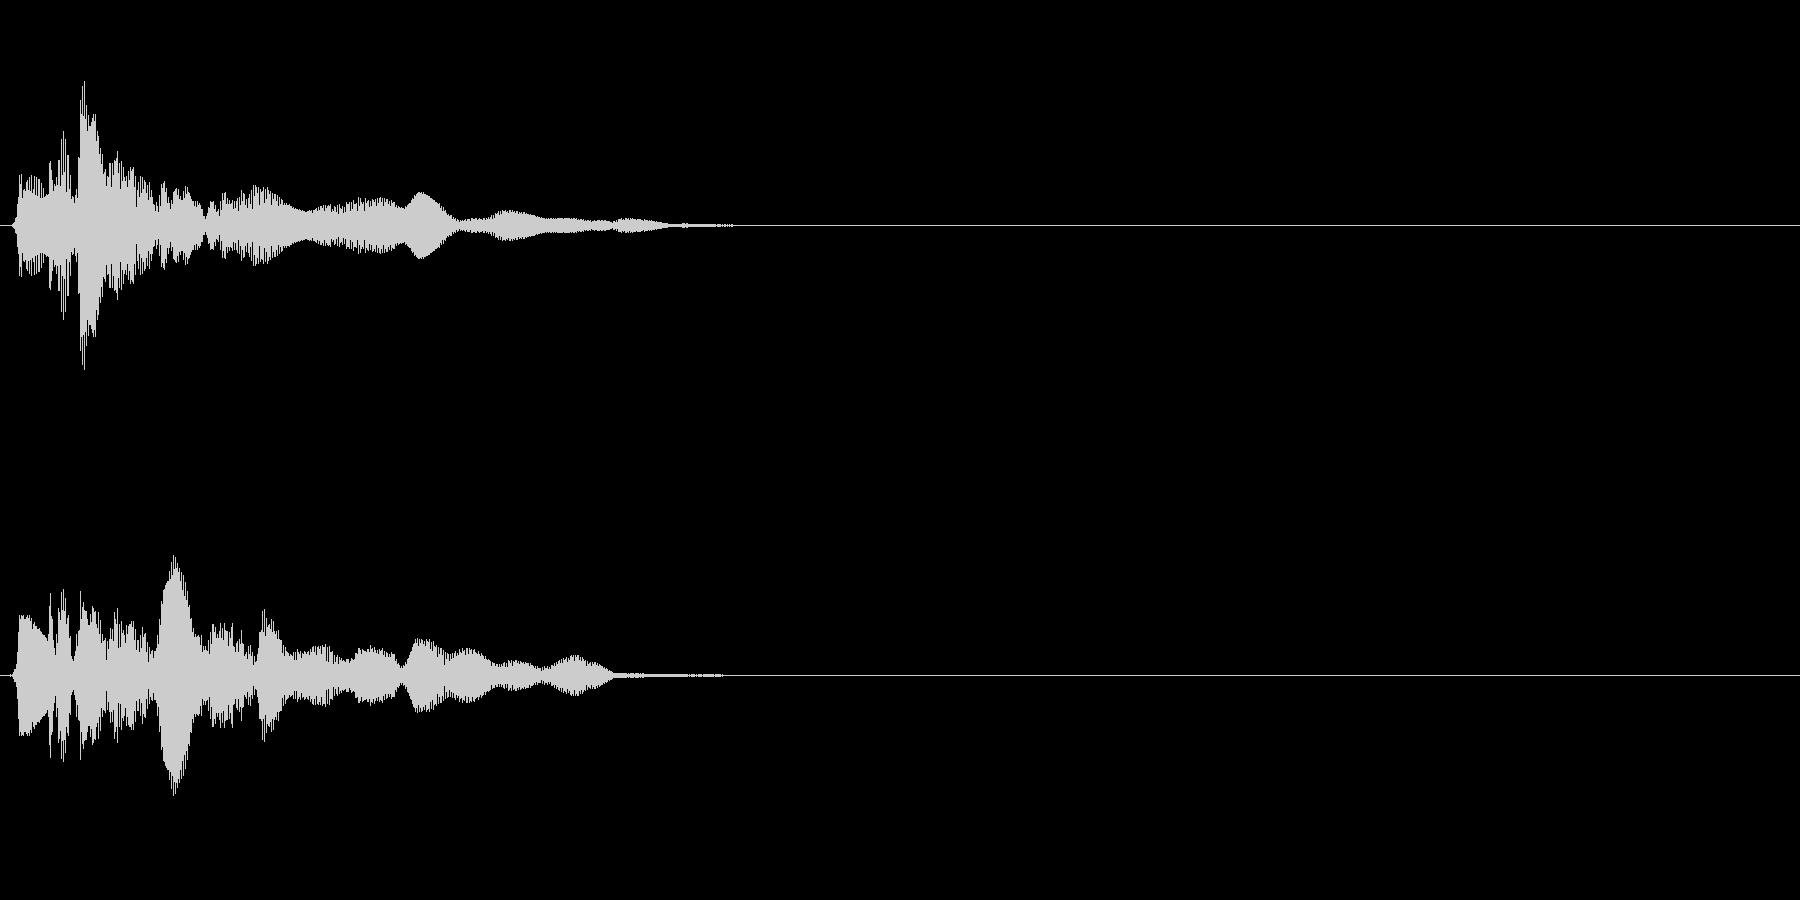 シャララーン (ゲット・アプリ決定音)の未再生の波形